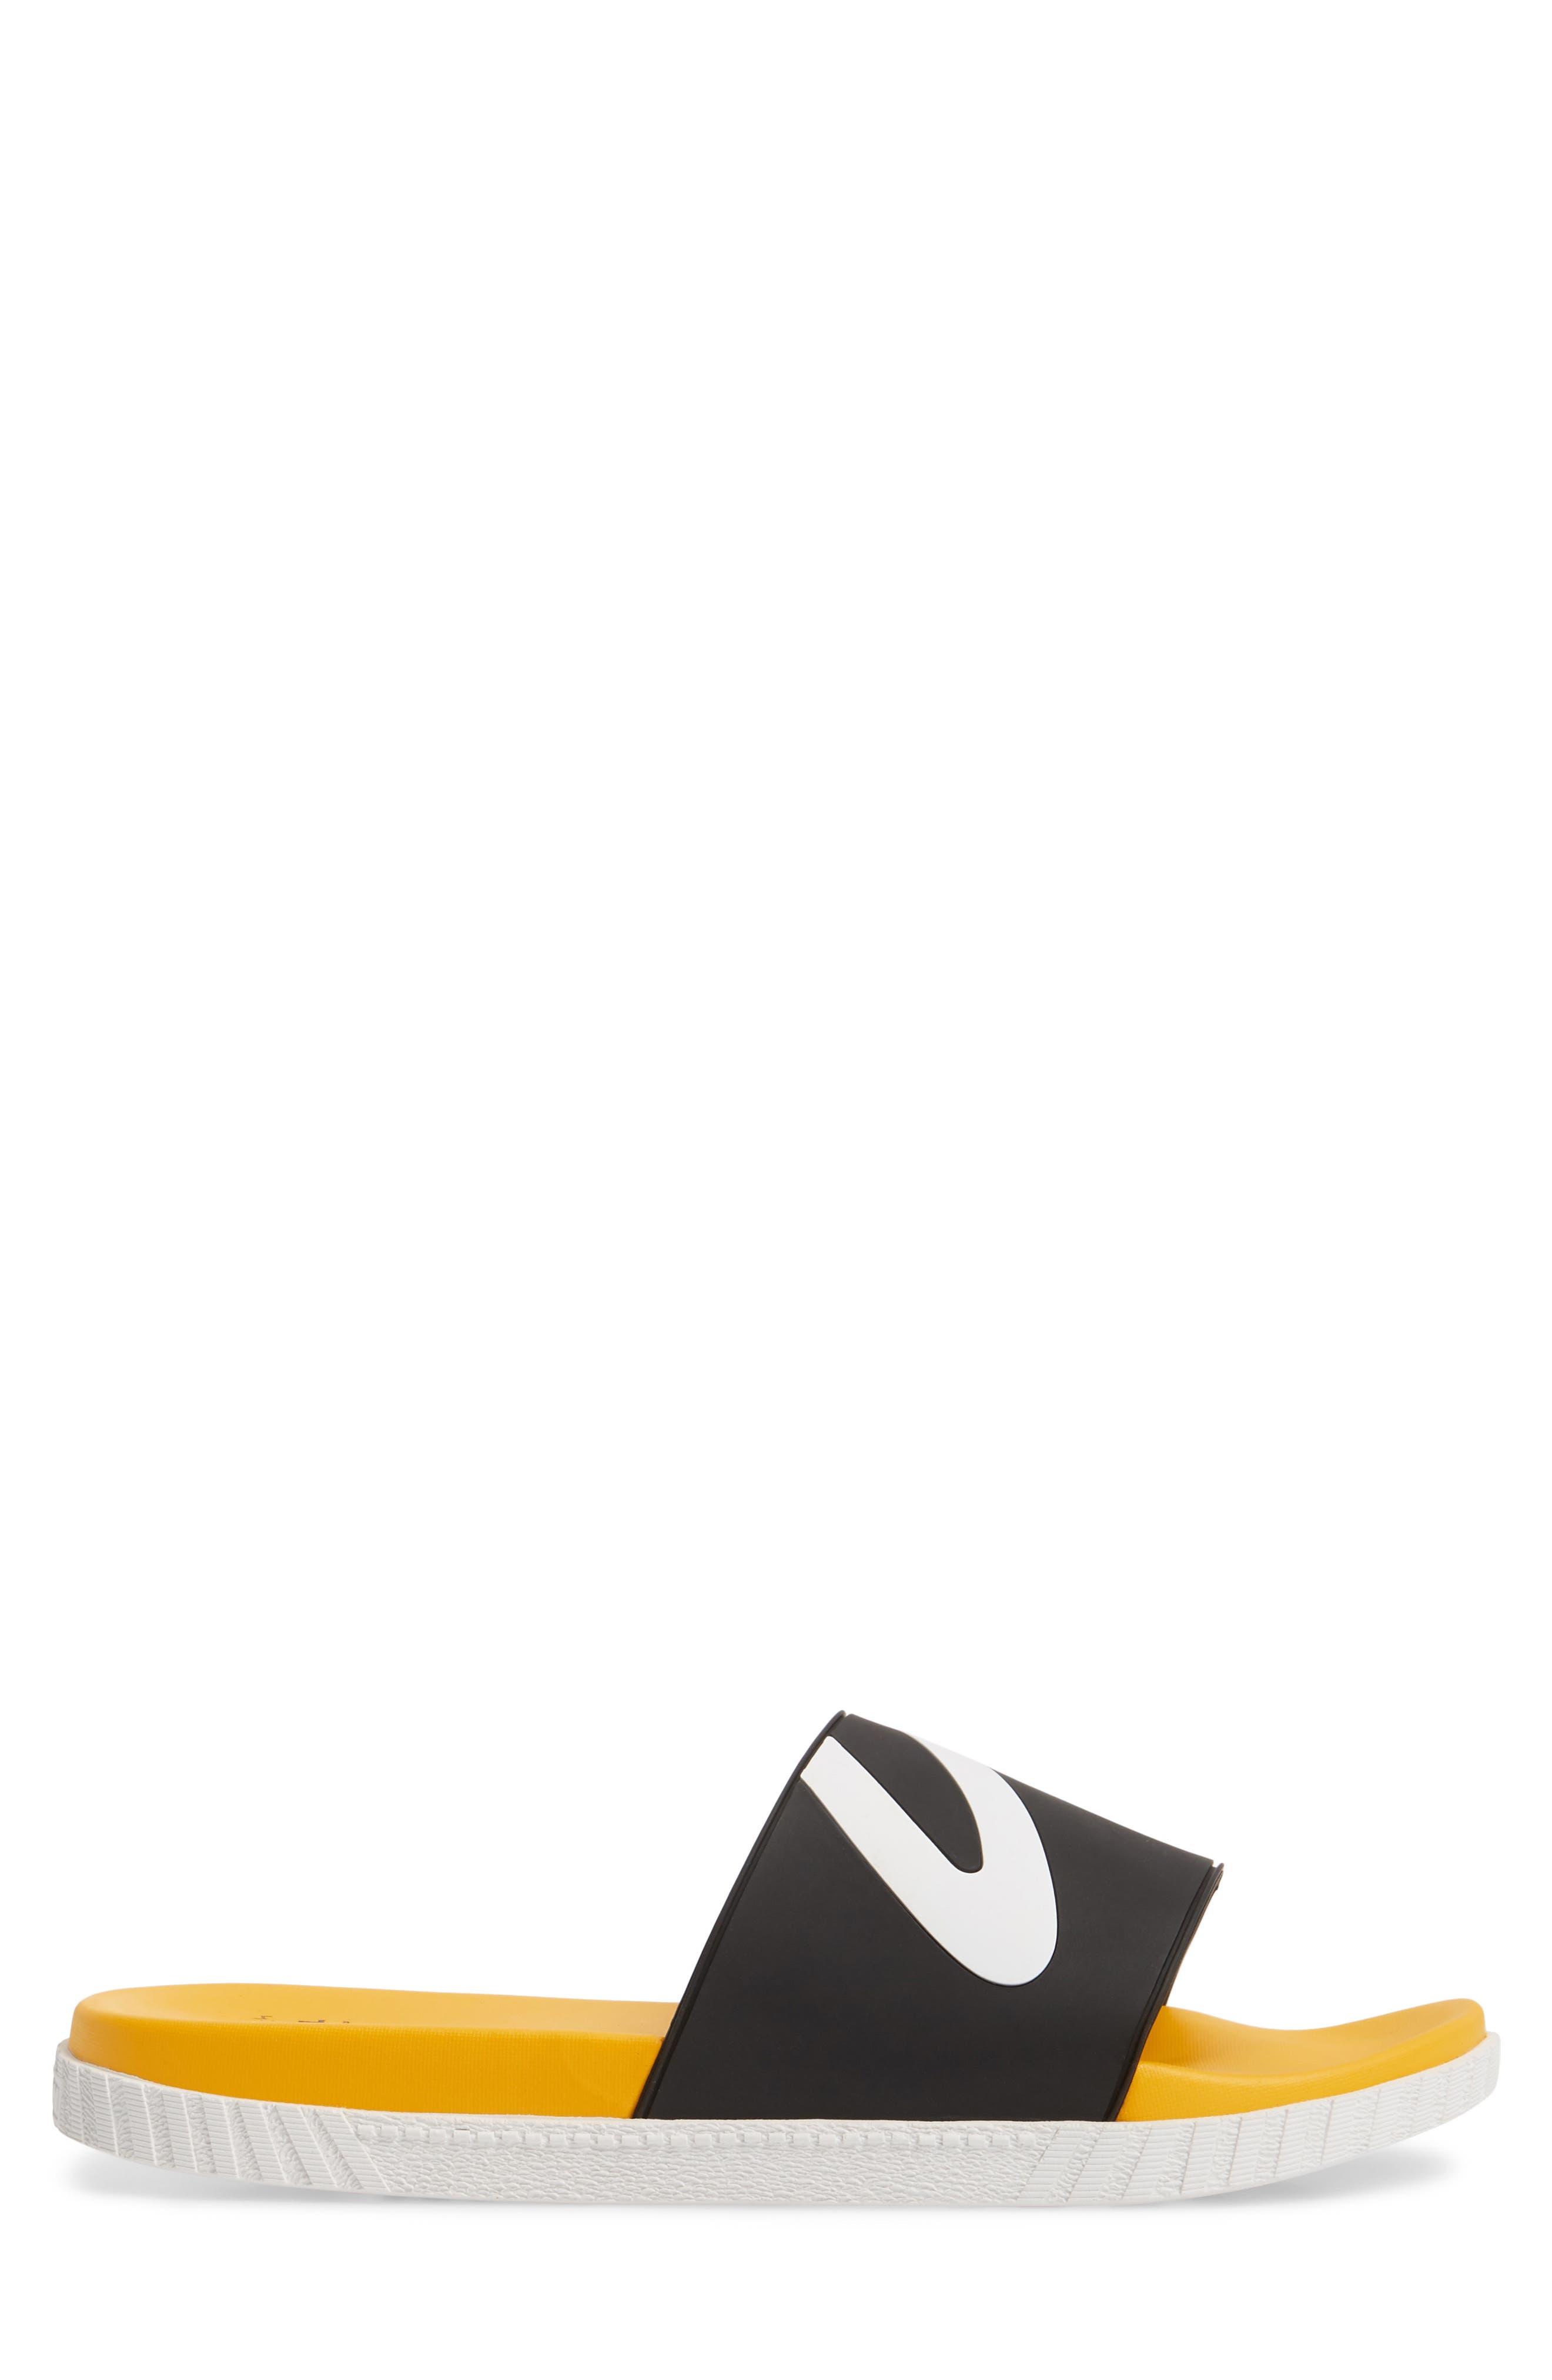 Andre 3000 Slide Sandal,                             Alternate thumbnail 3, color,                             BLACK